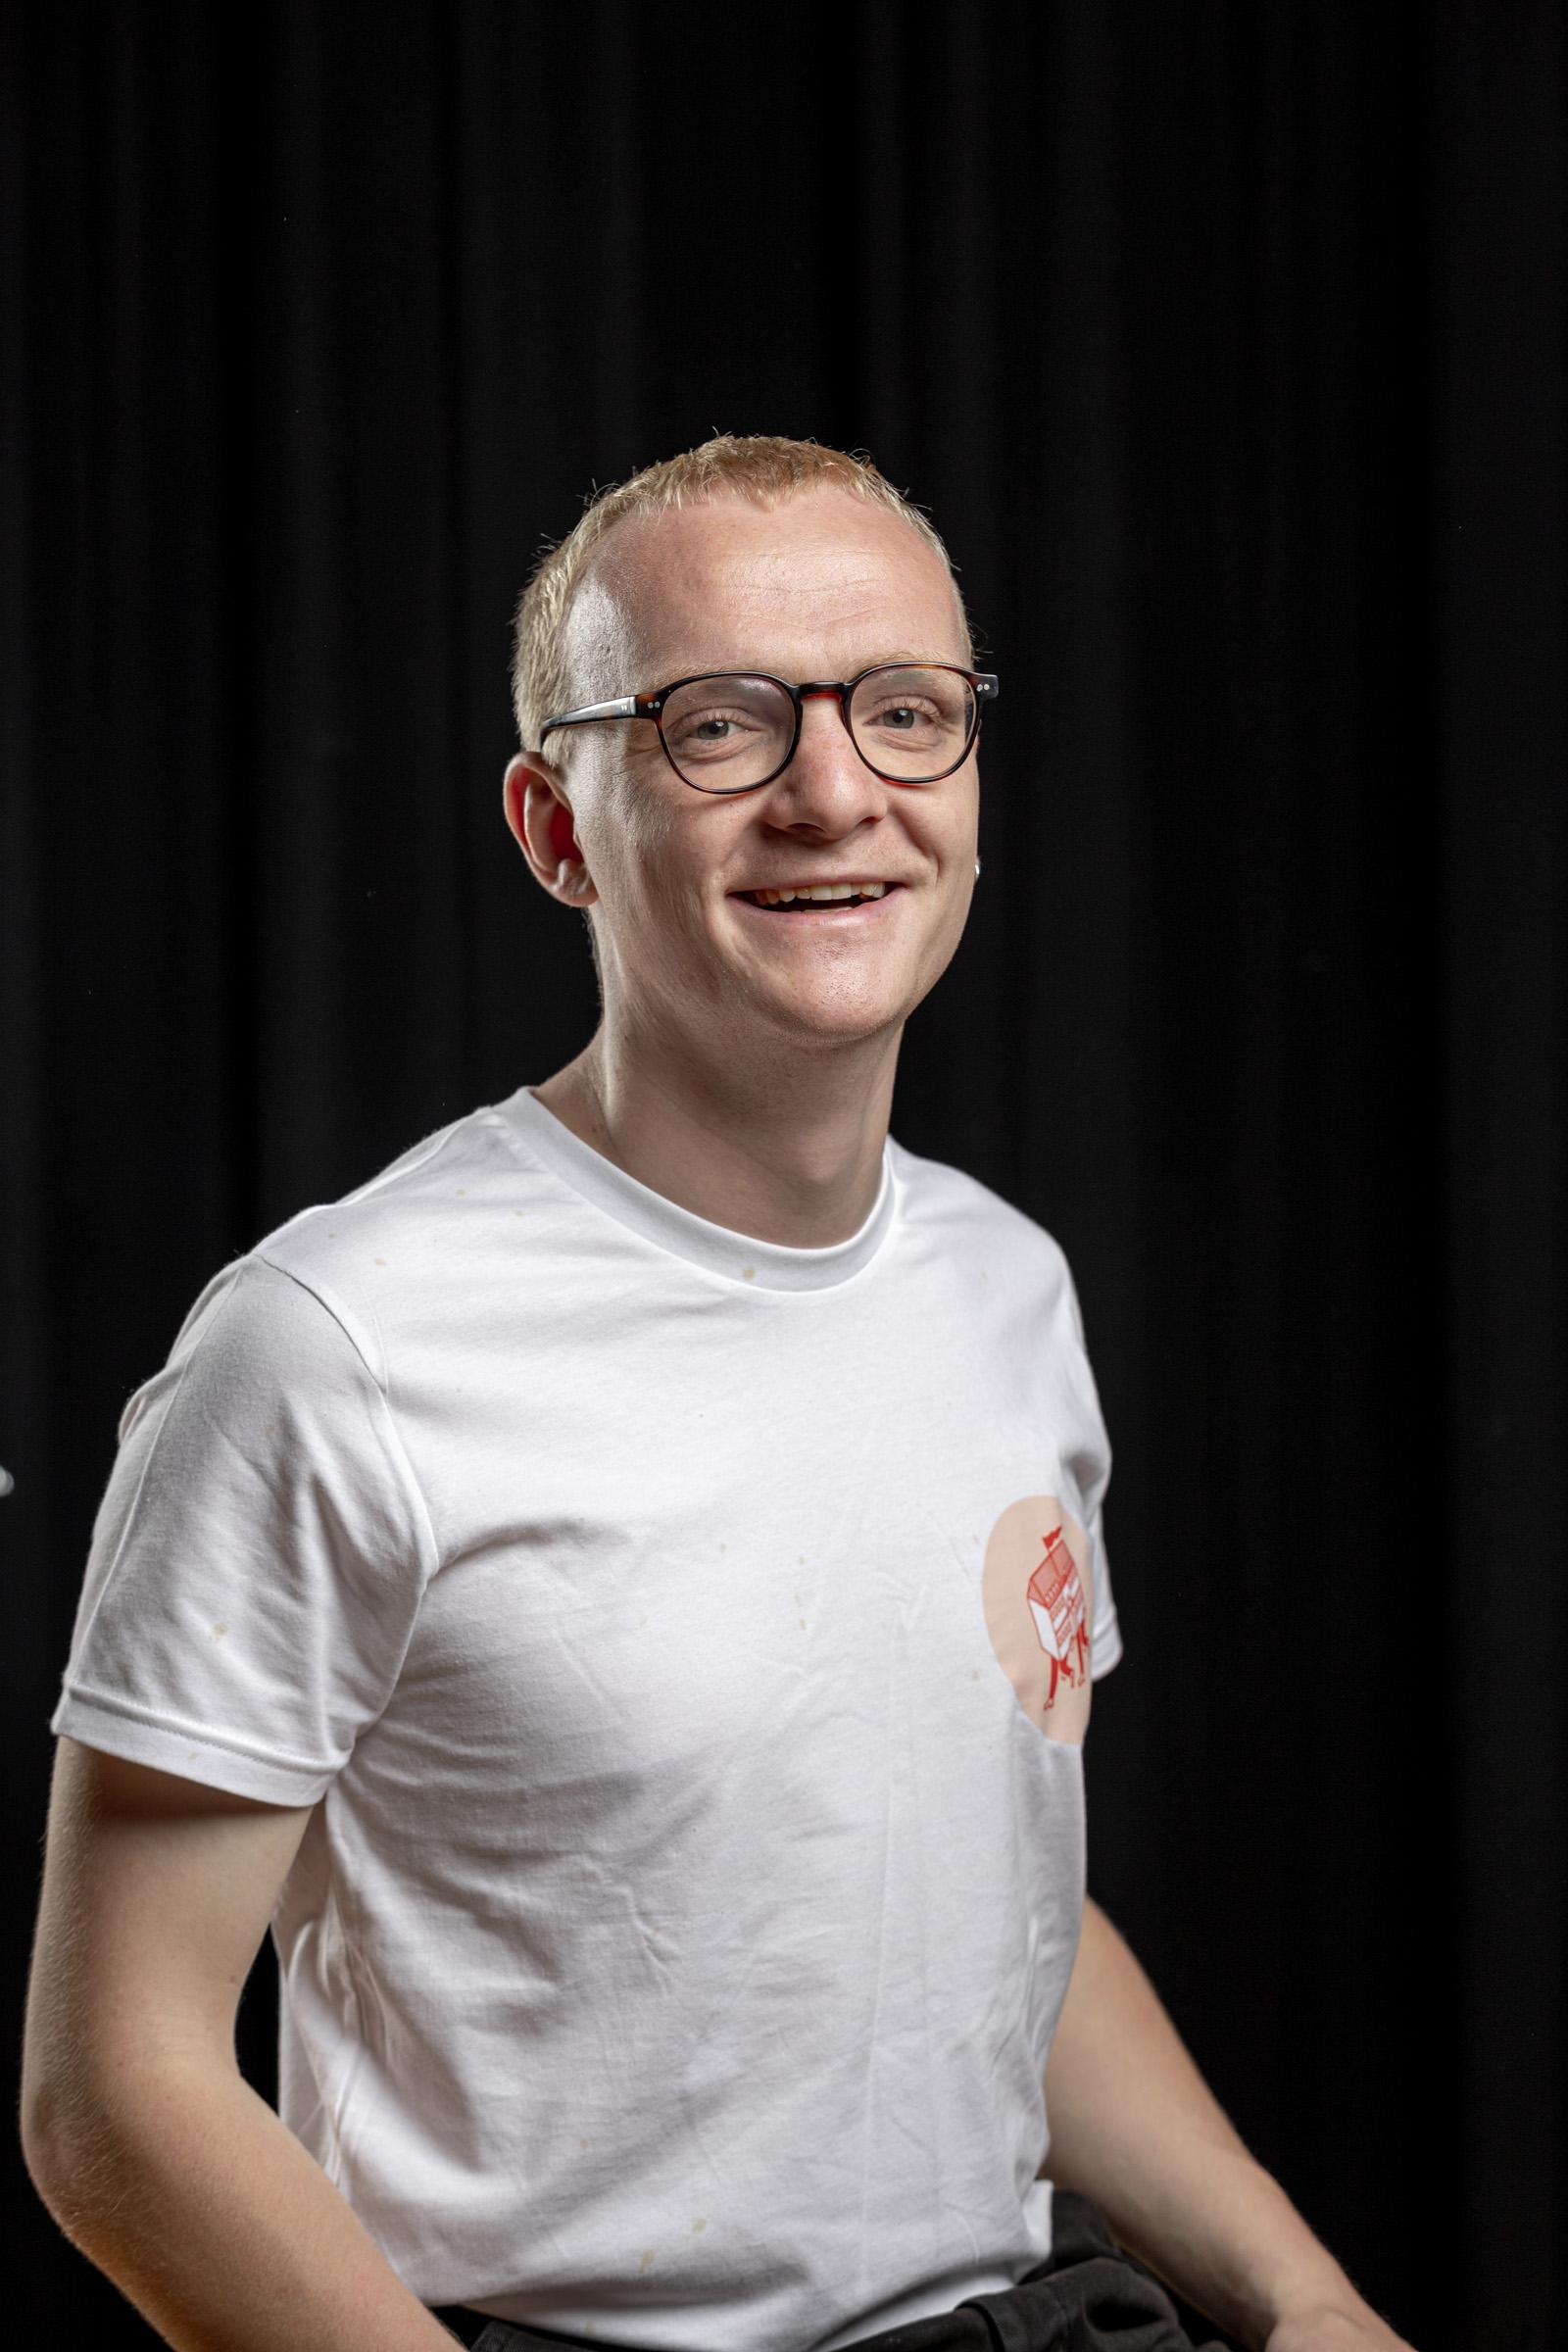 Rasmus Weile